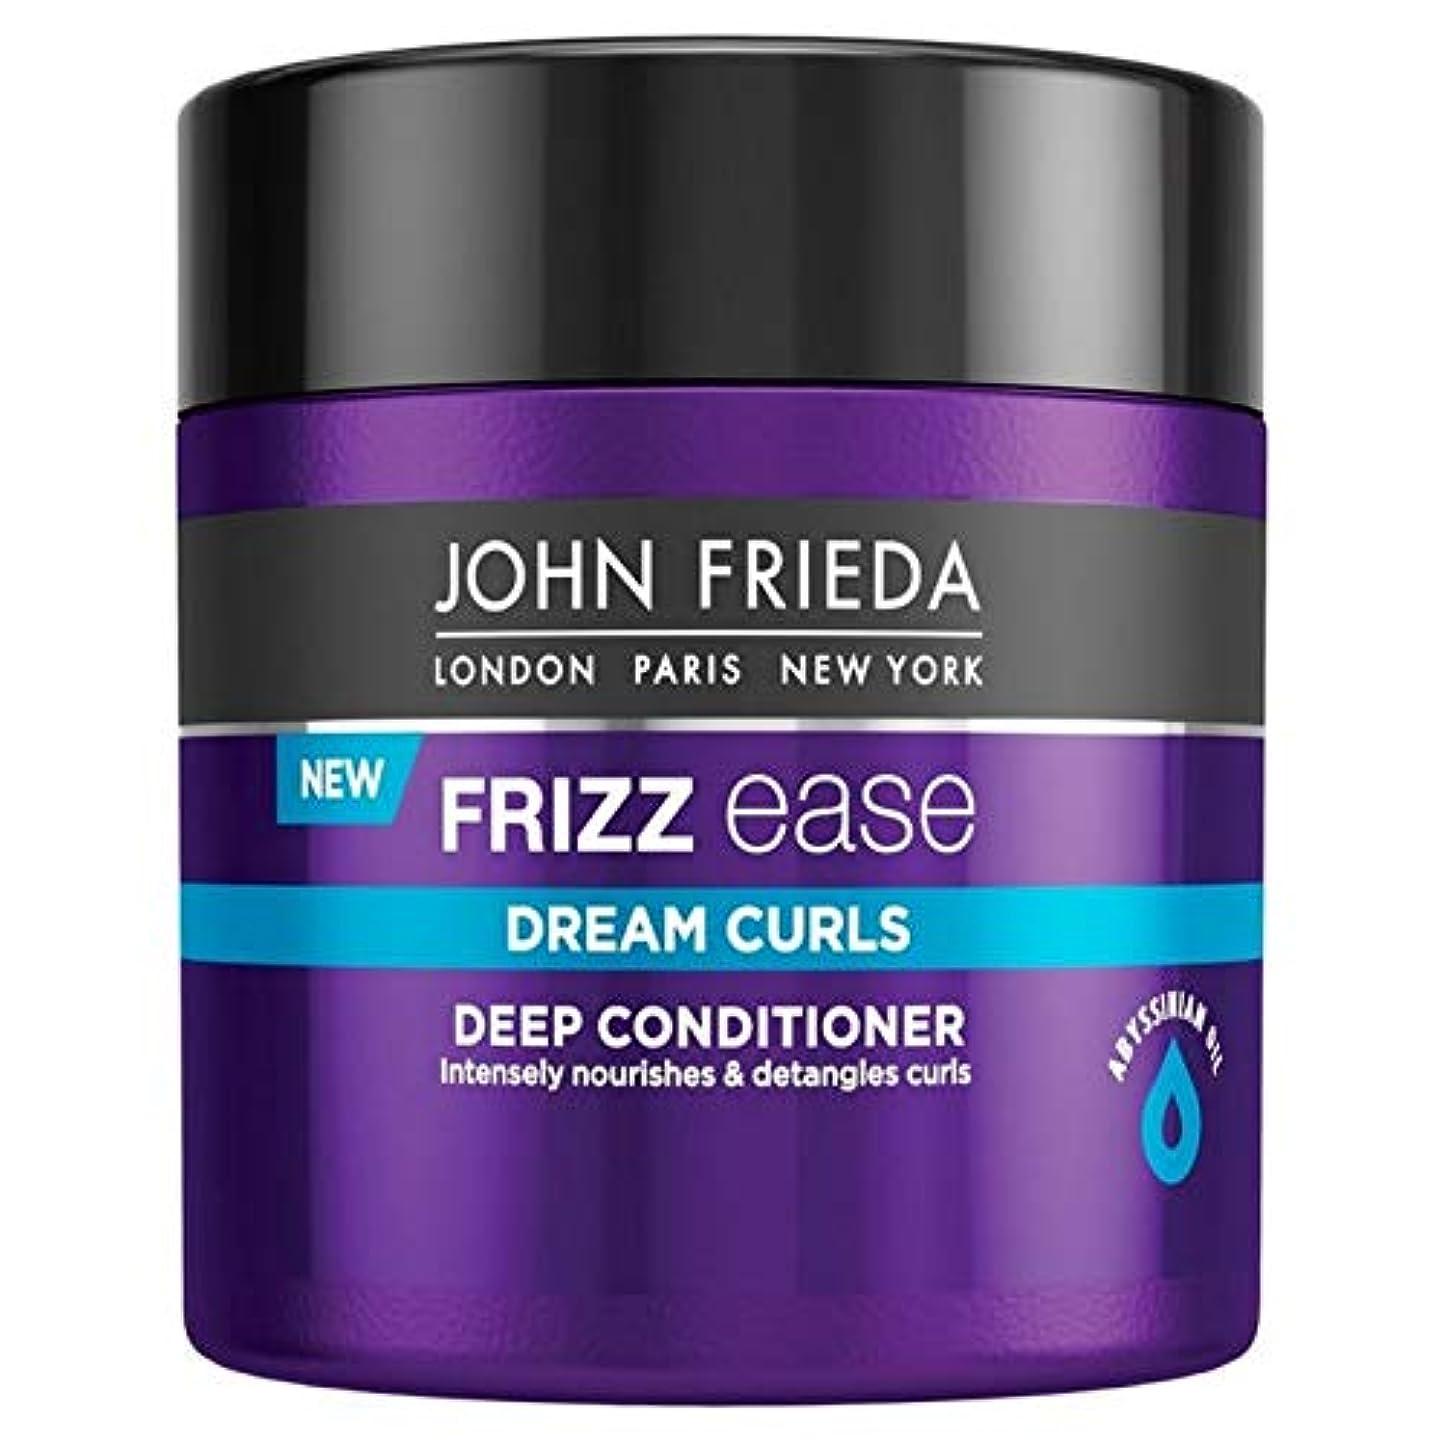 知覚的マチュピチュ減らす[John Frieda ] ジョン?フリーダ縮れ容易夢カール深いコンディショナー150ミリリットル - John Frieda Frizz Ease Dream Curls Deep Conditioner 150ml...